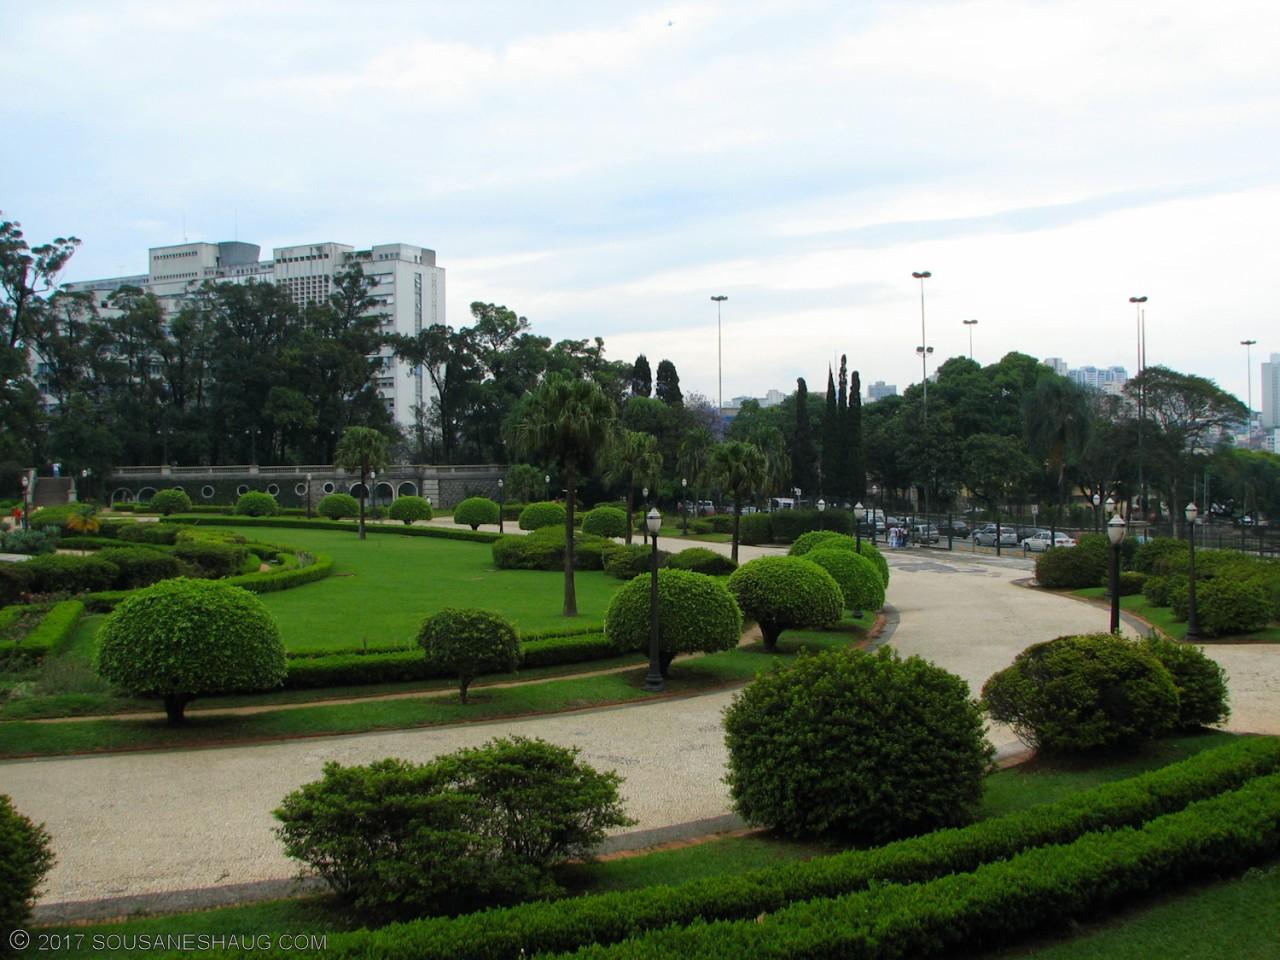 Ipiranga-museu-sao-paulo-brazil-06